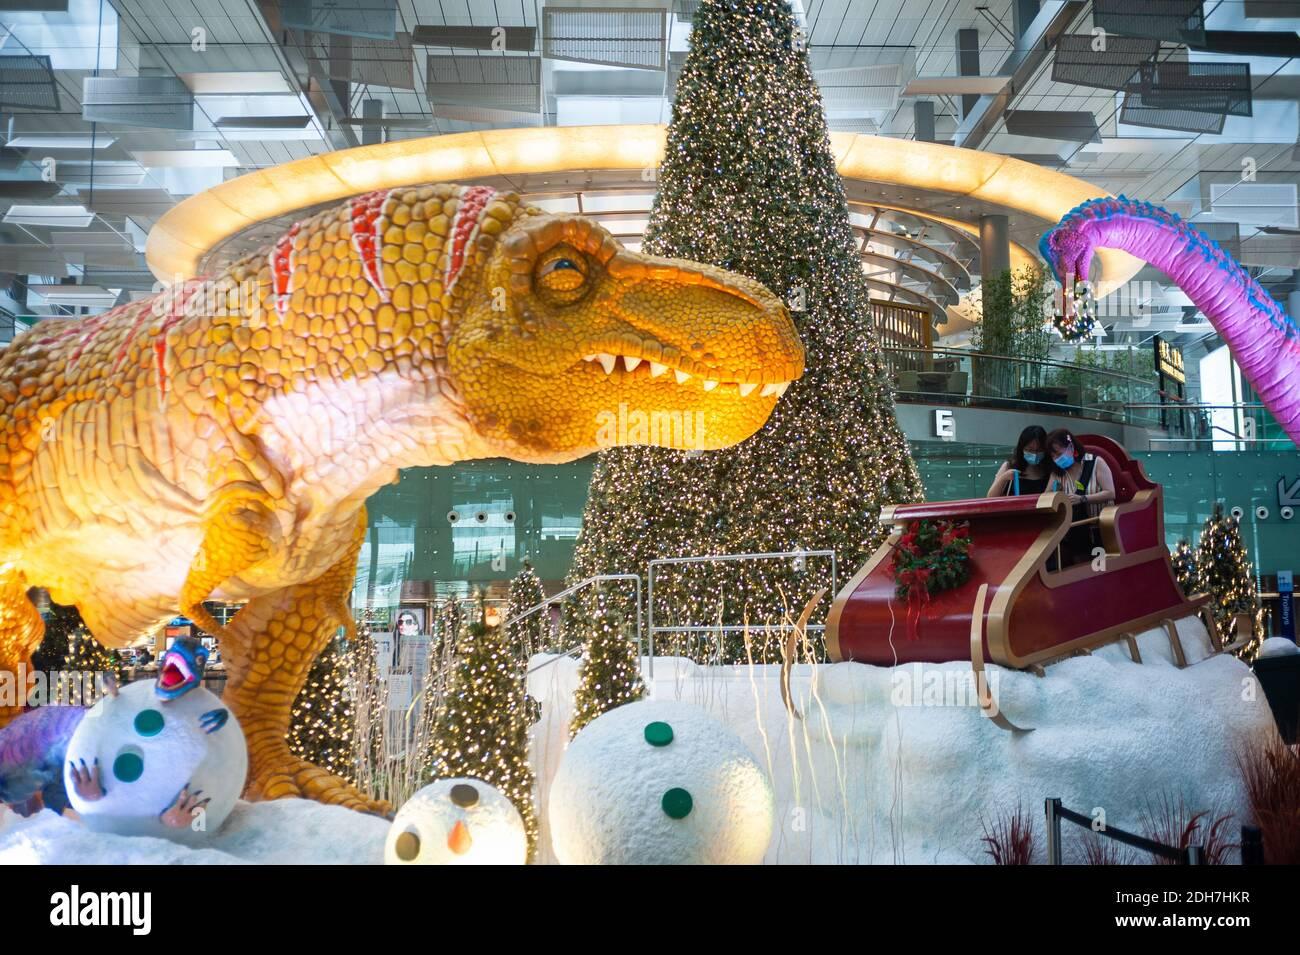 08.12.2020, Singapur, República de Singapur, Asia - Dinos, un trineo y árbol de Navidad sirven como decoración de Navidad y el entorno en el aeropuerto de Changi. Foto de stock